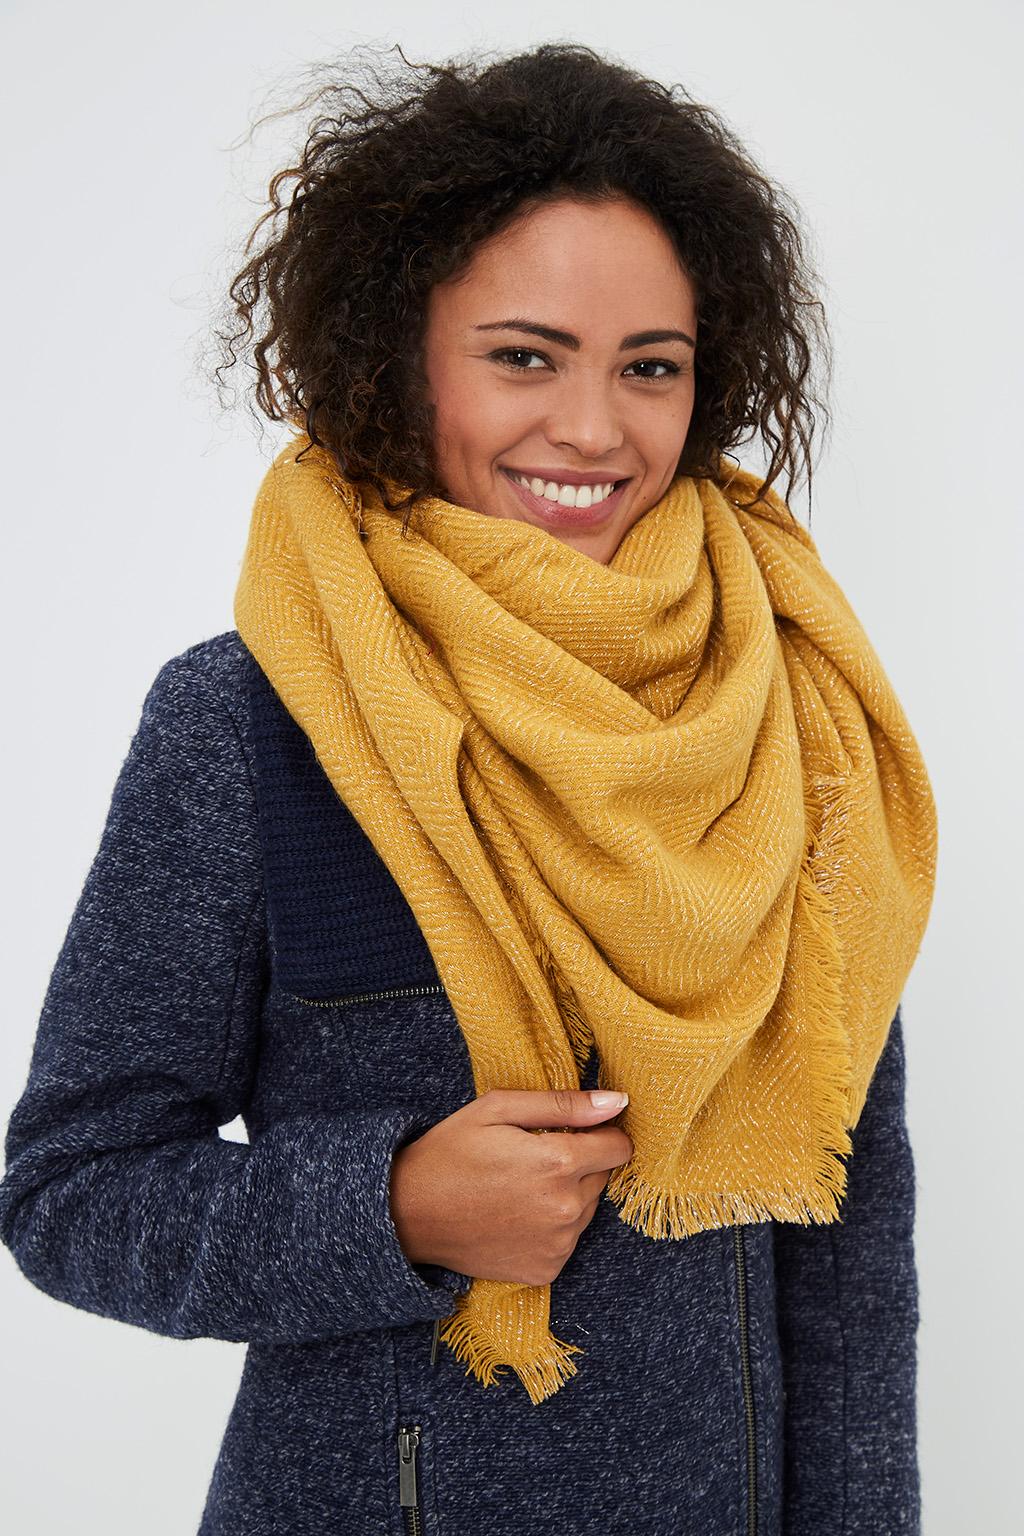 Vente privée Showroomprivé Camaieu accessoires pour femme, étole moutarde